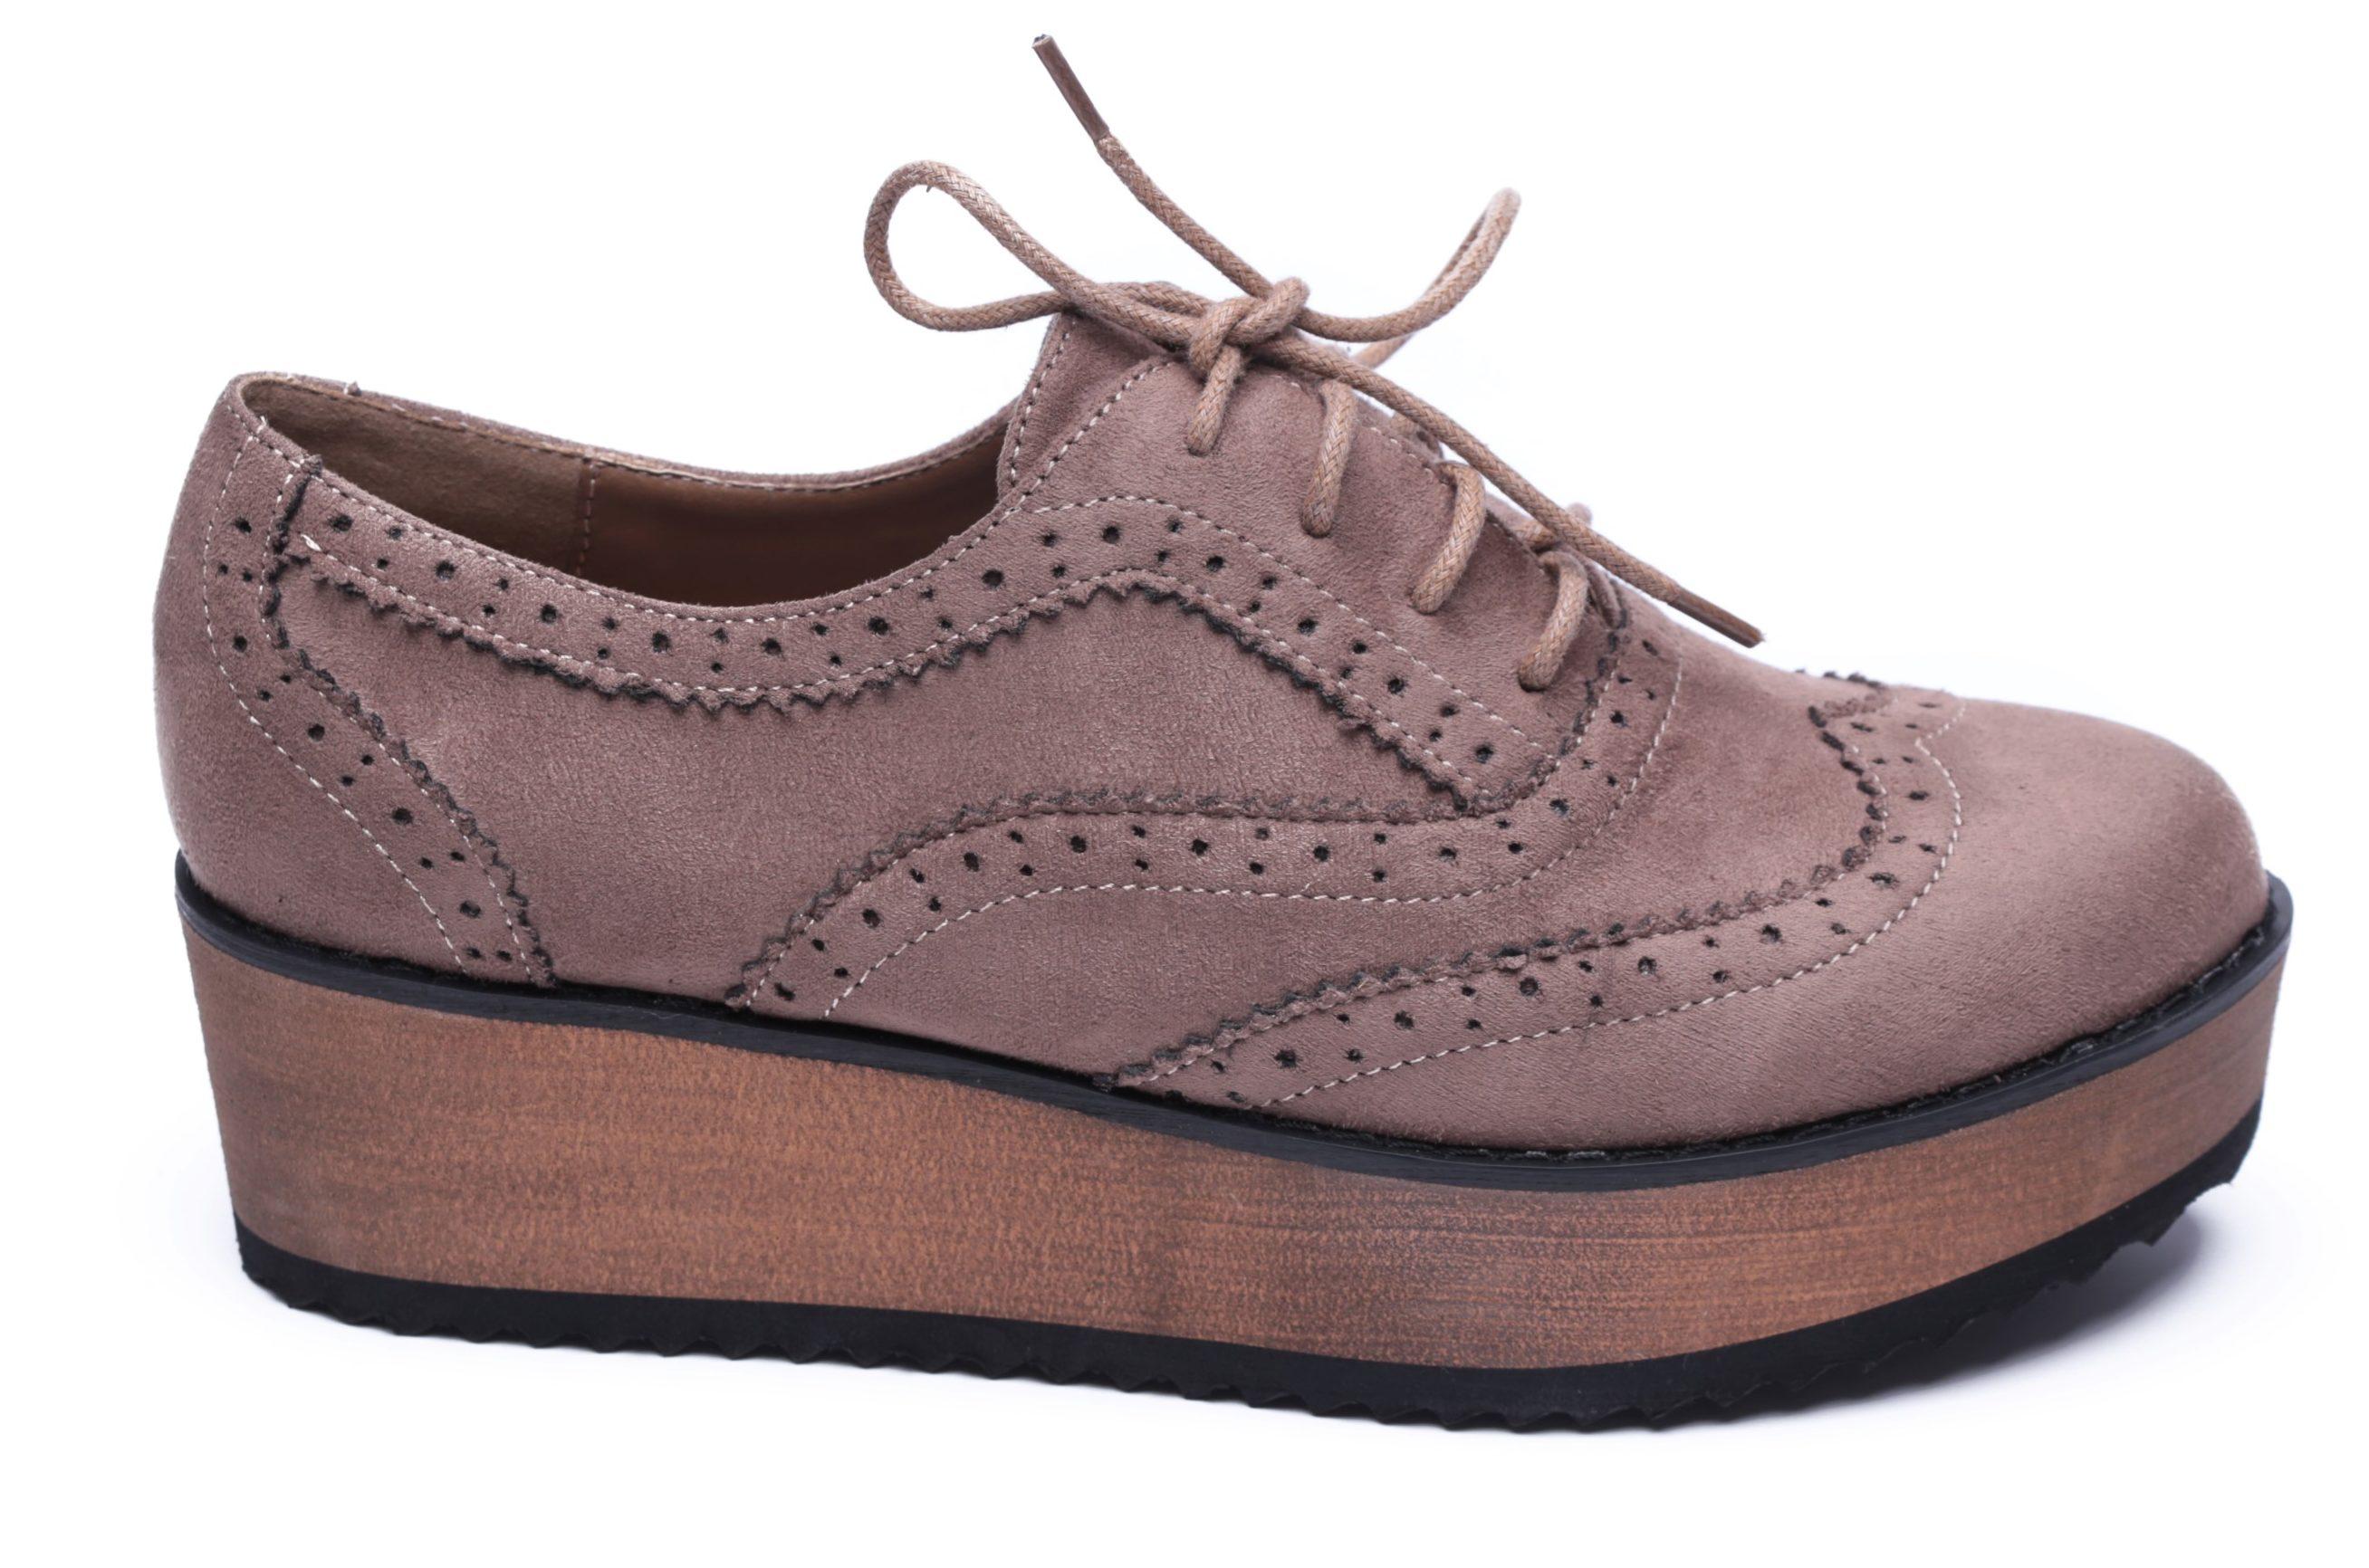 המדריך למטייל: איזו נעל הכי מתאימה לטיול?